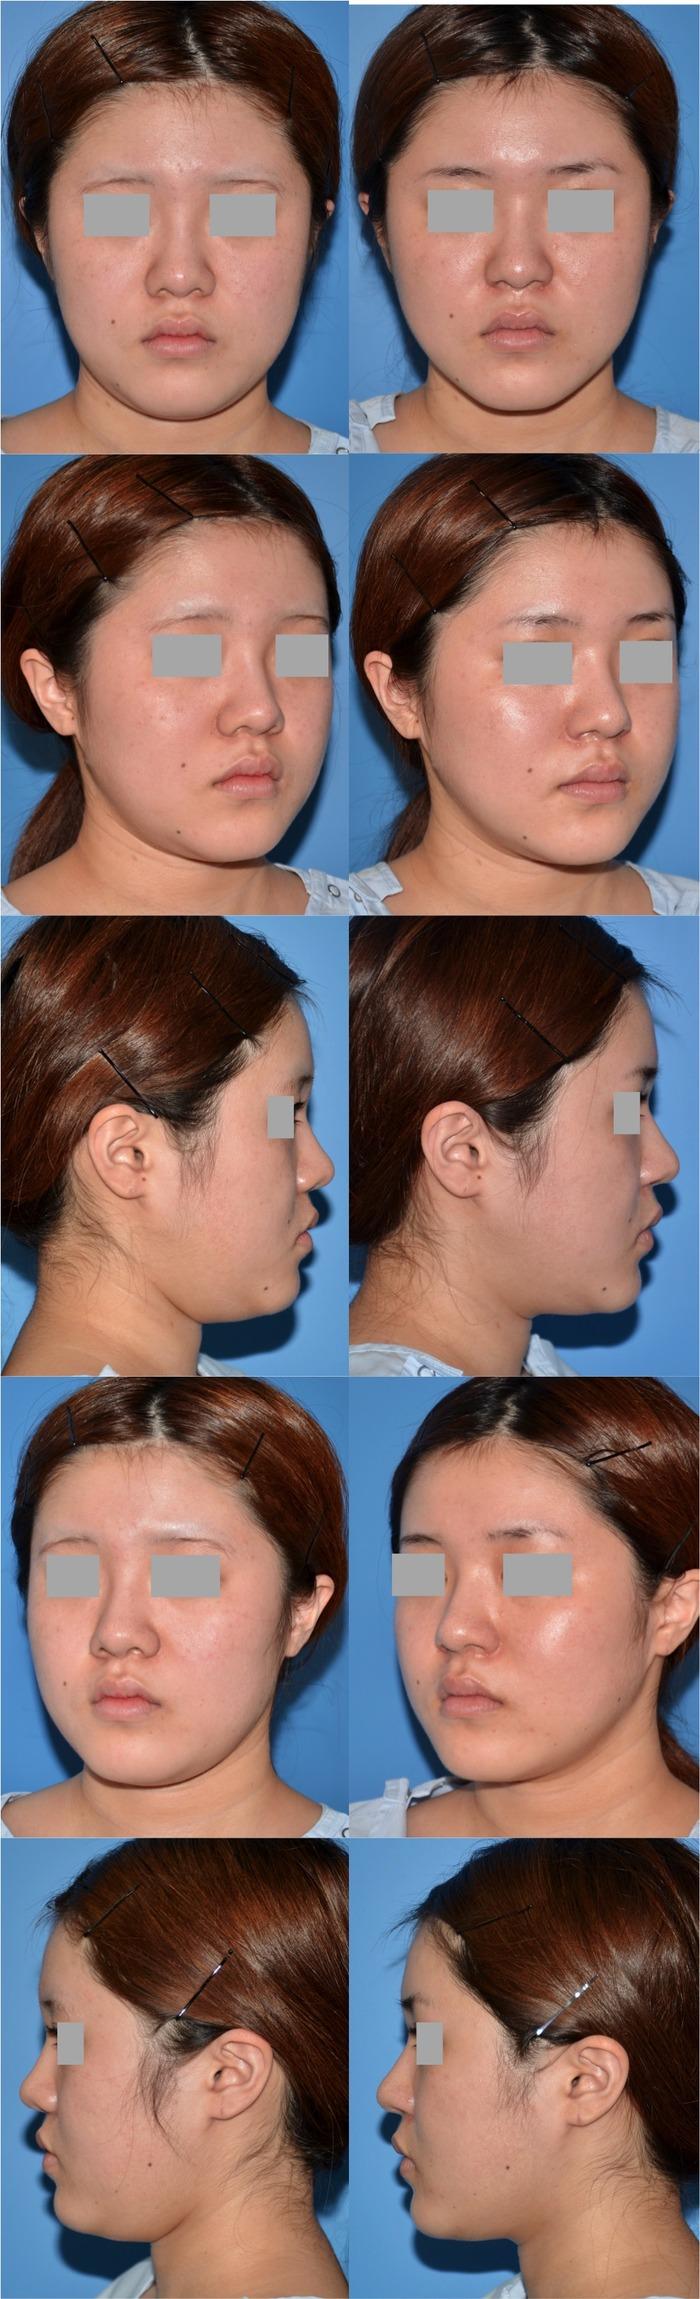 鼻中隔延長 鼻翼挙上 鼻翼縮小 鼻プロ 全体5ヶ月